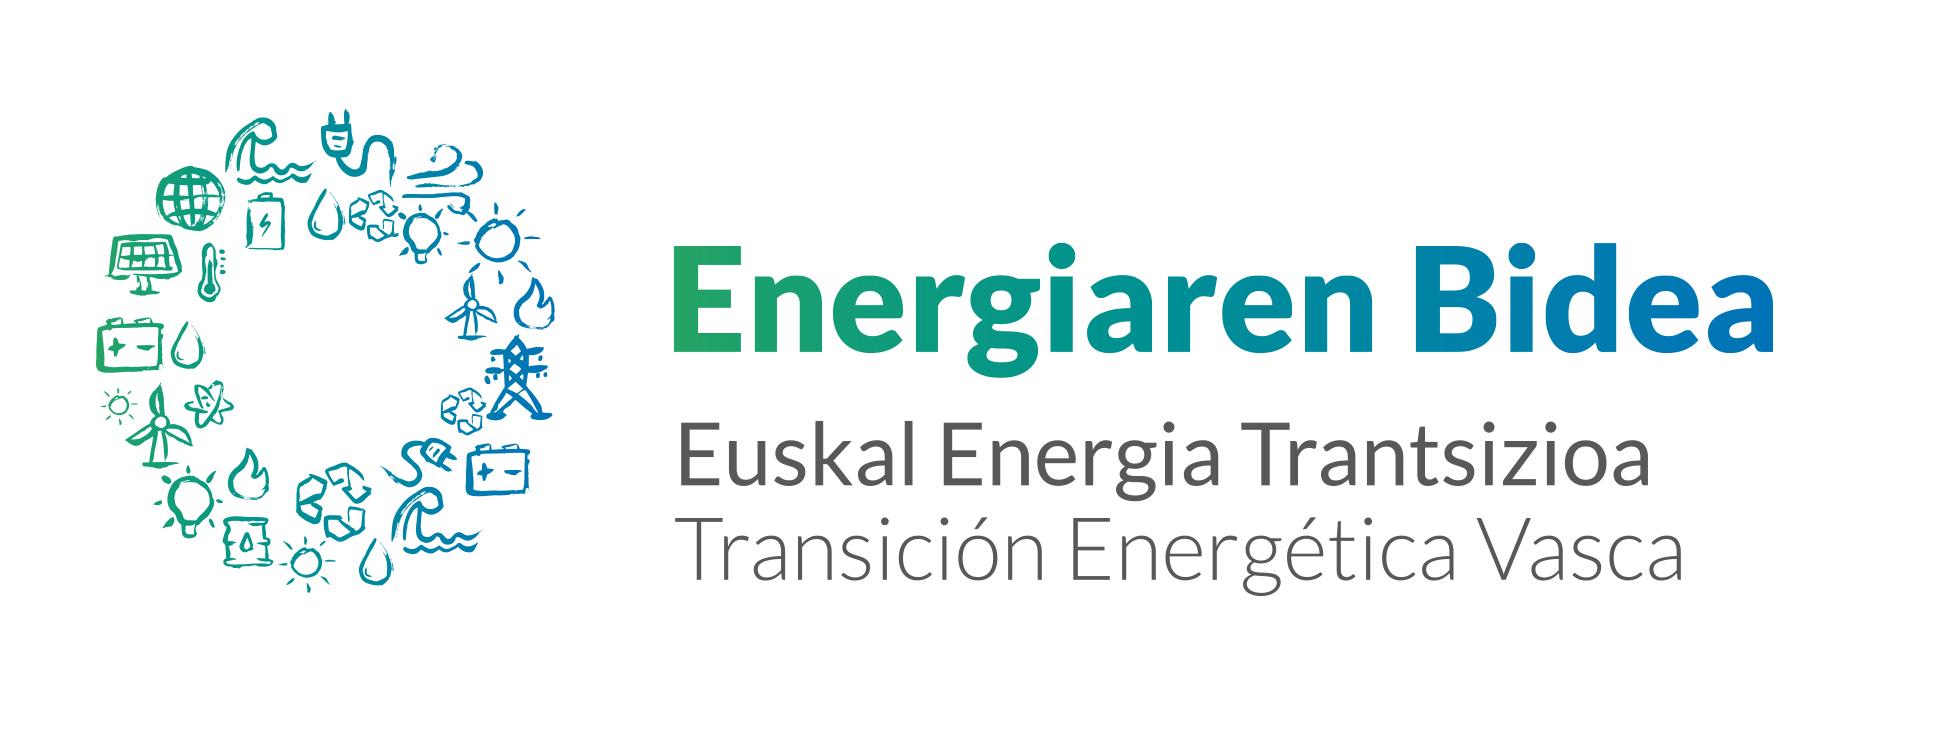 Energiaren_Bidea_horizontal.jpg